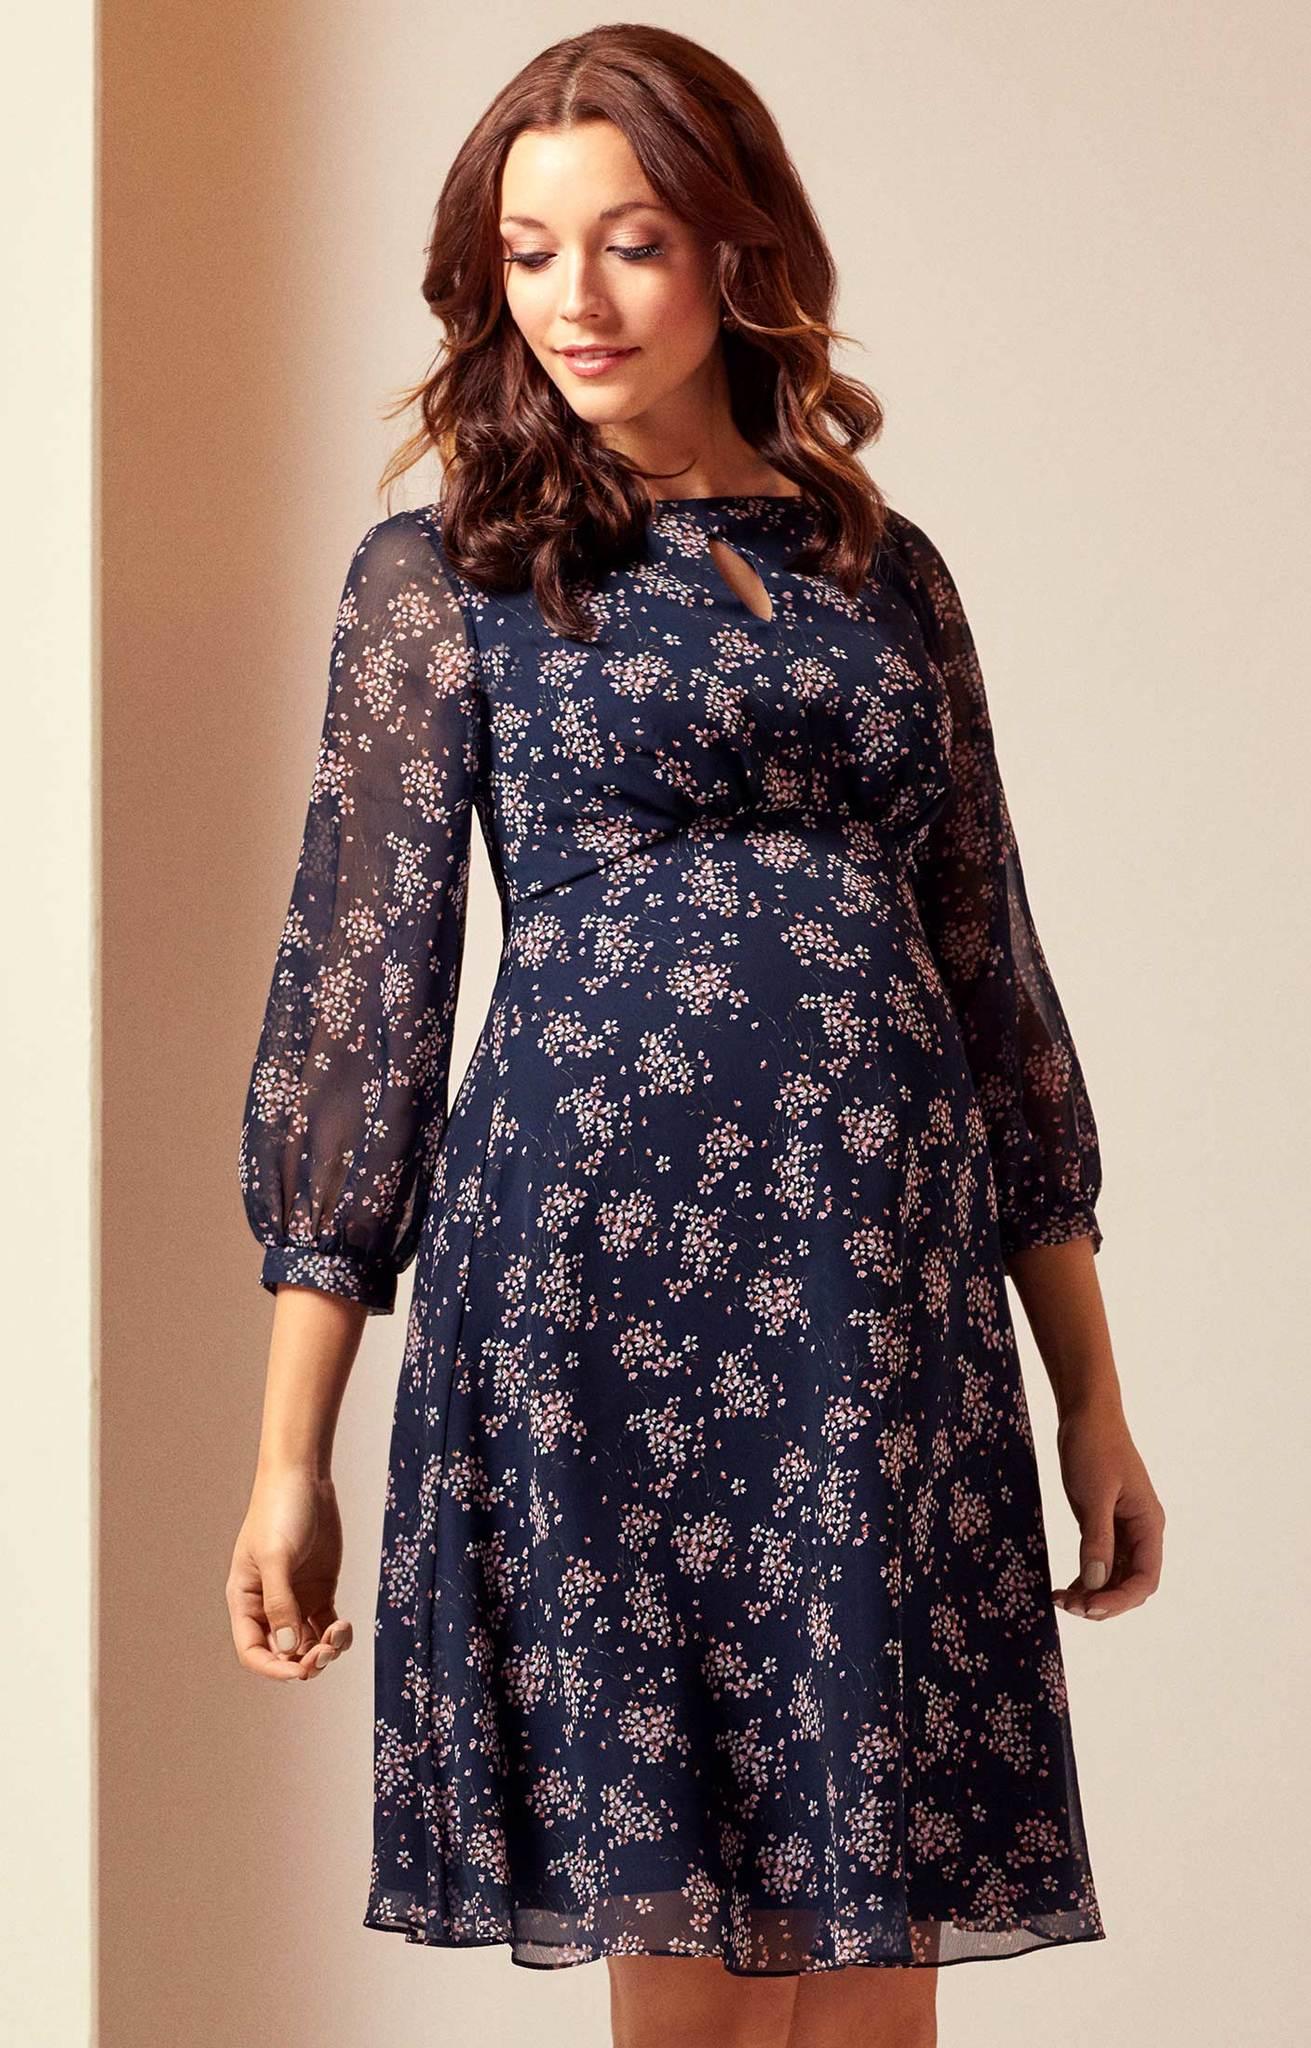 Mammy Dress 15221